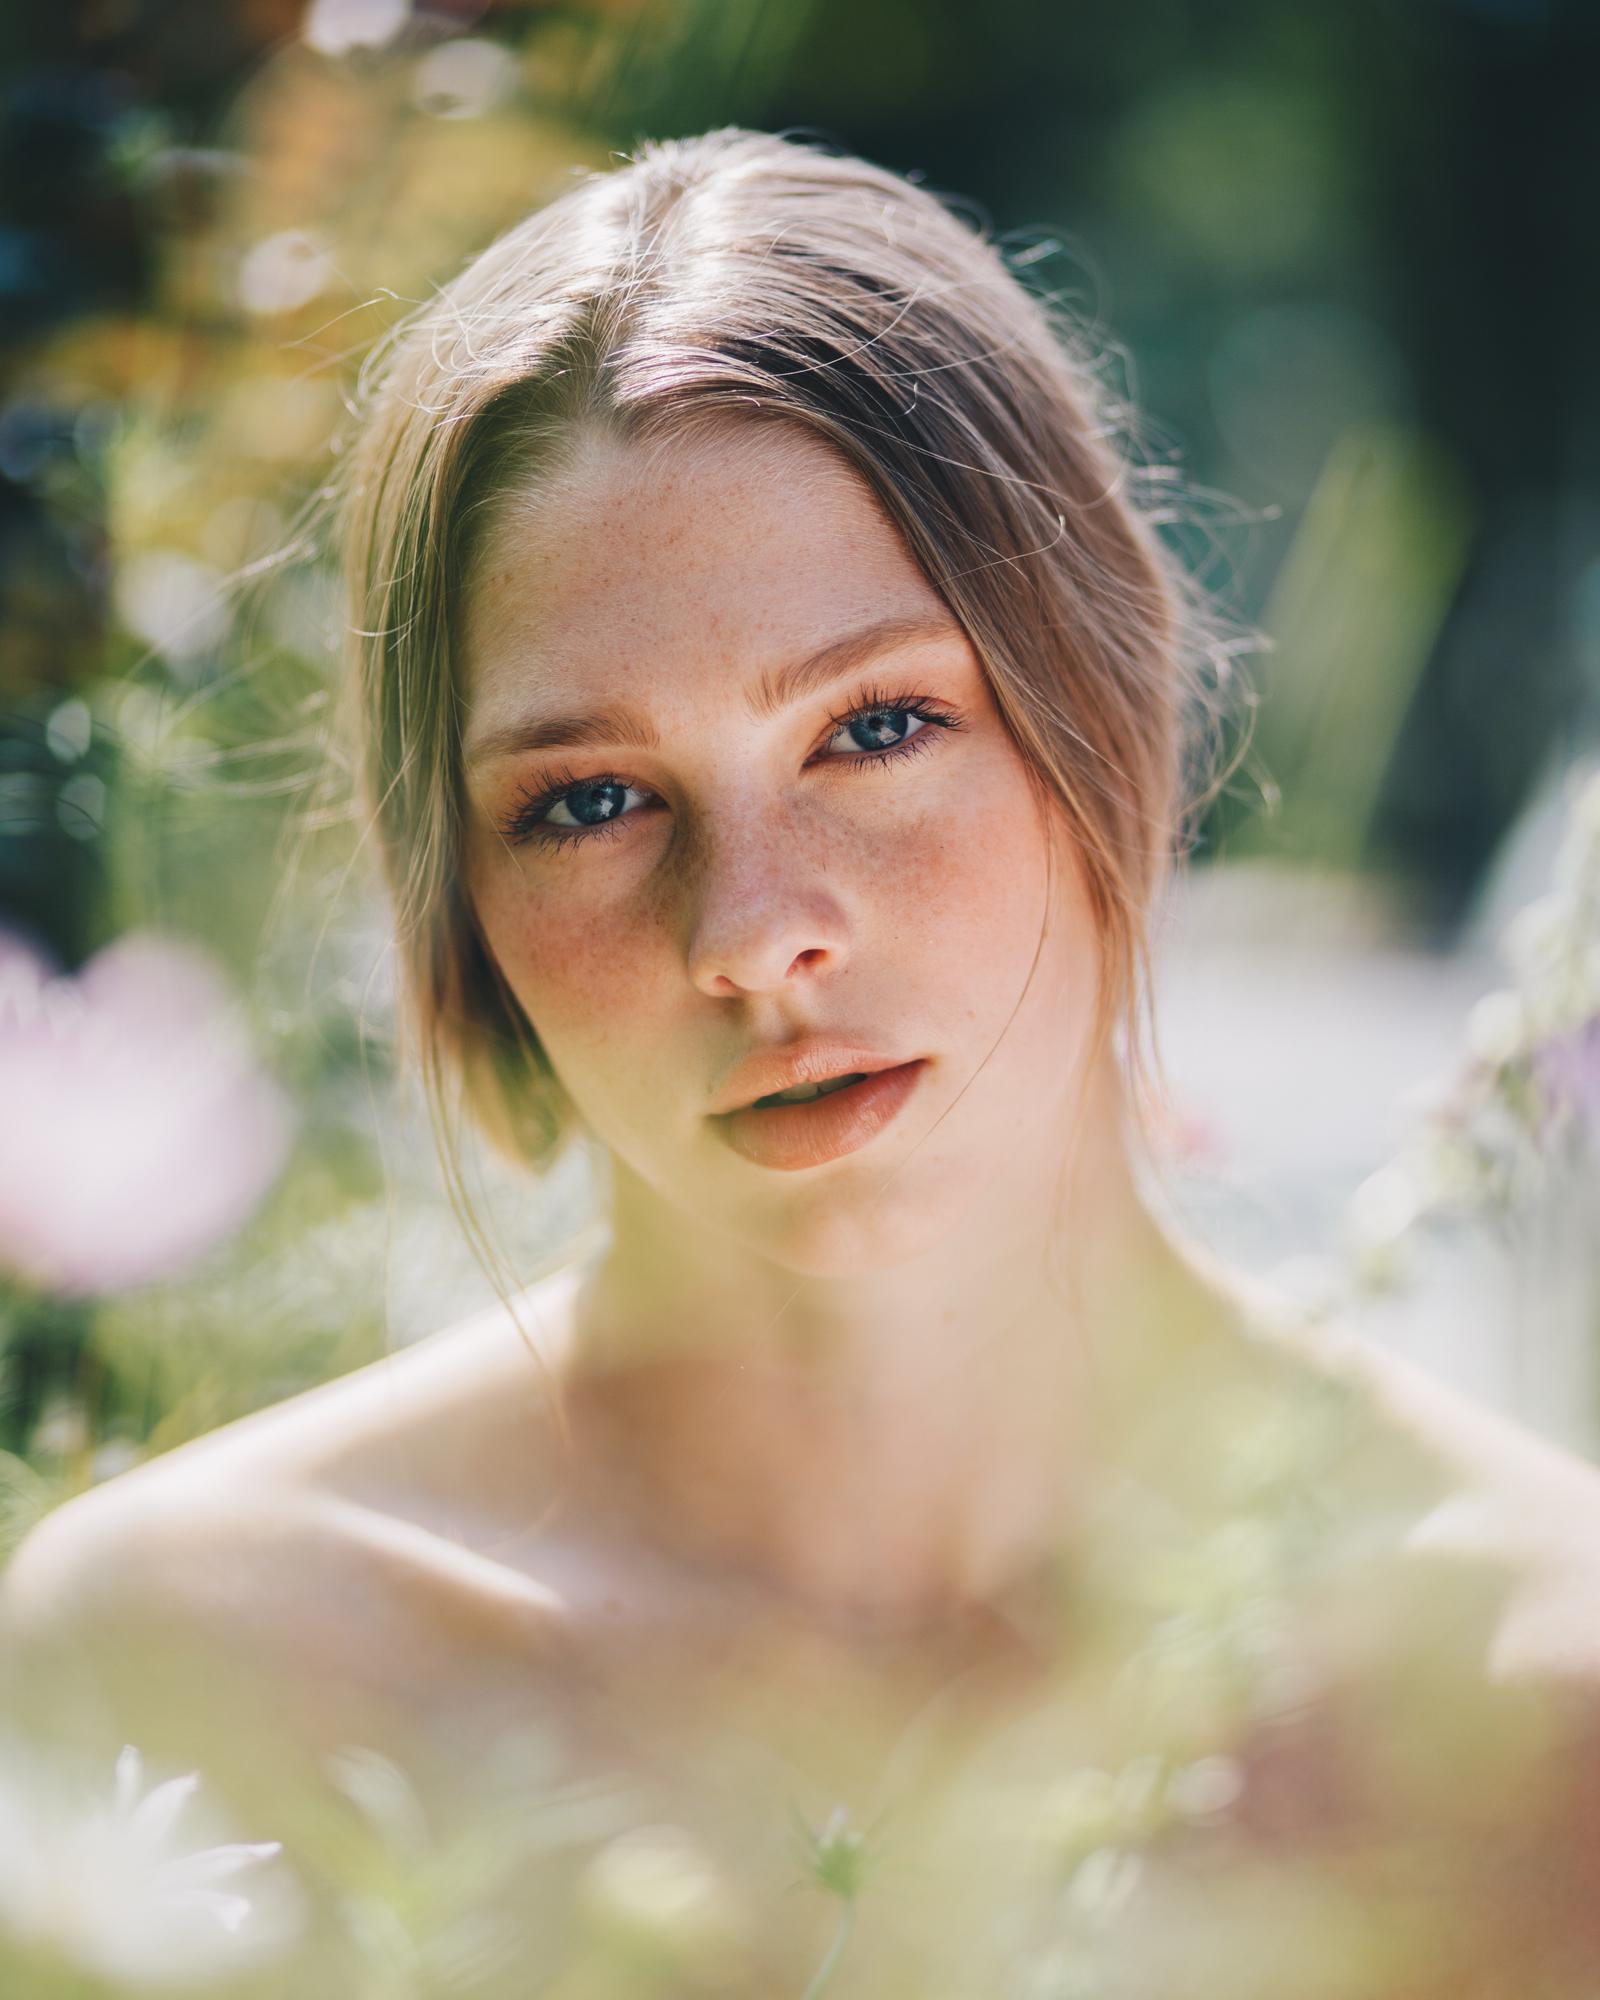 Brooklynn @ Peggi LePage Brooklyn portrait photography by Megan Breukelman